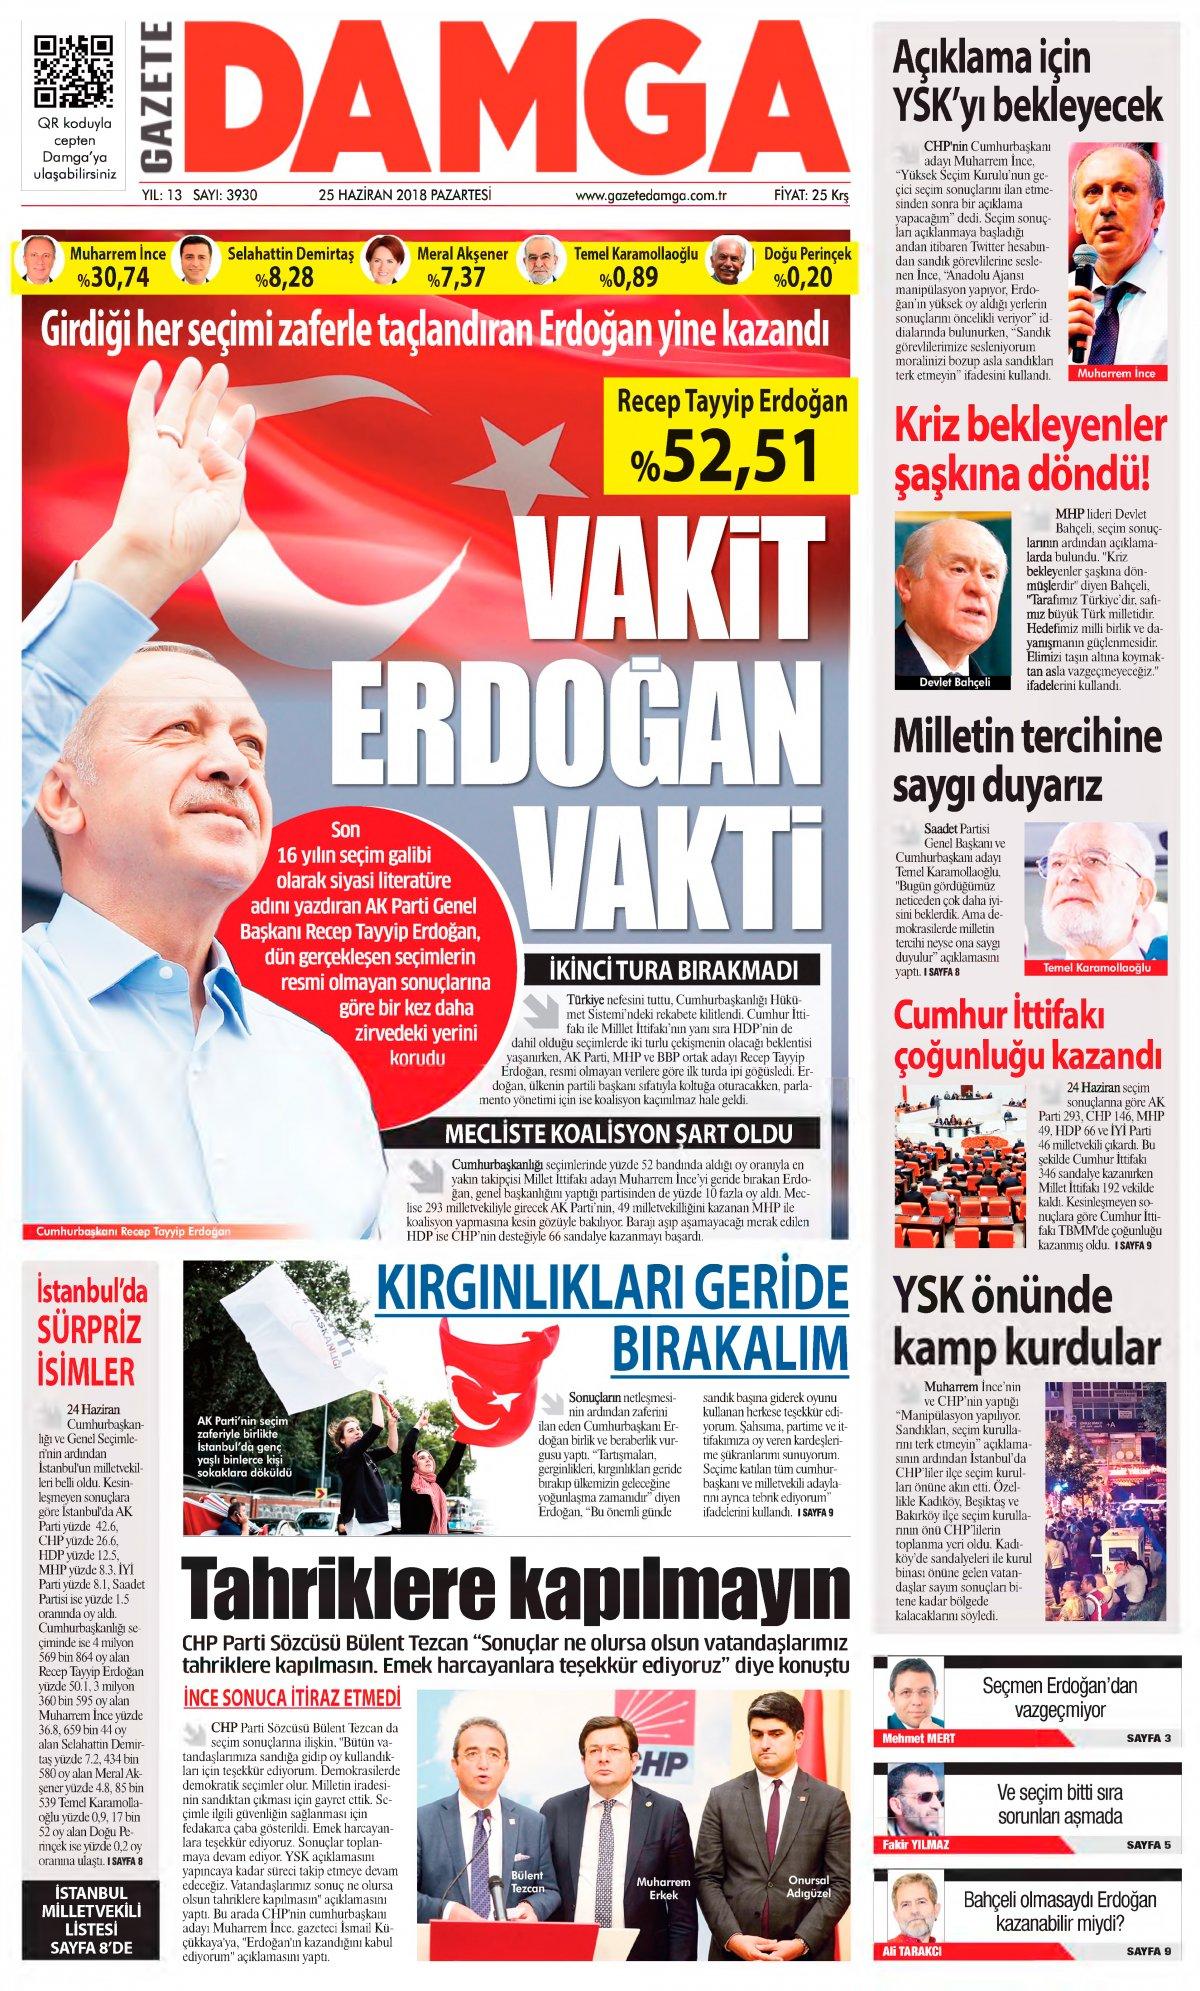 Gazete Damga - 25.06.2018 Manşeti